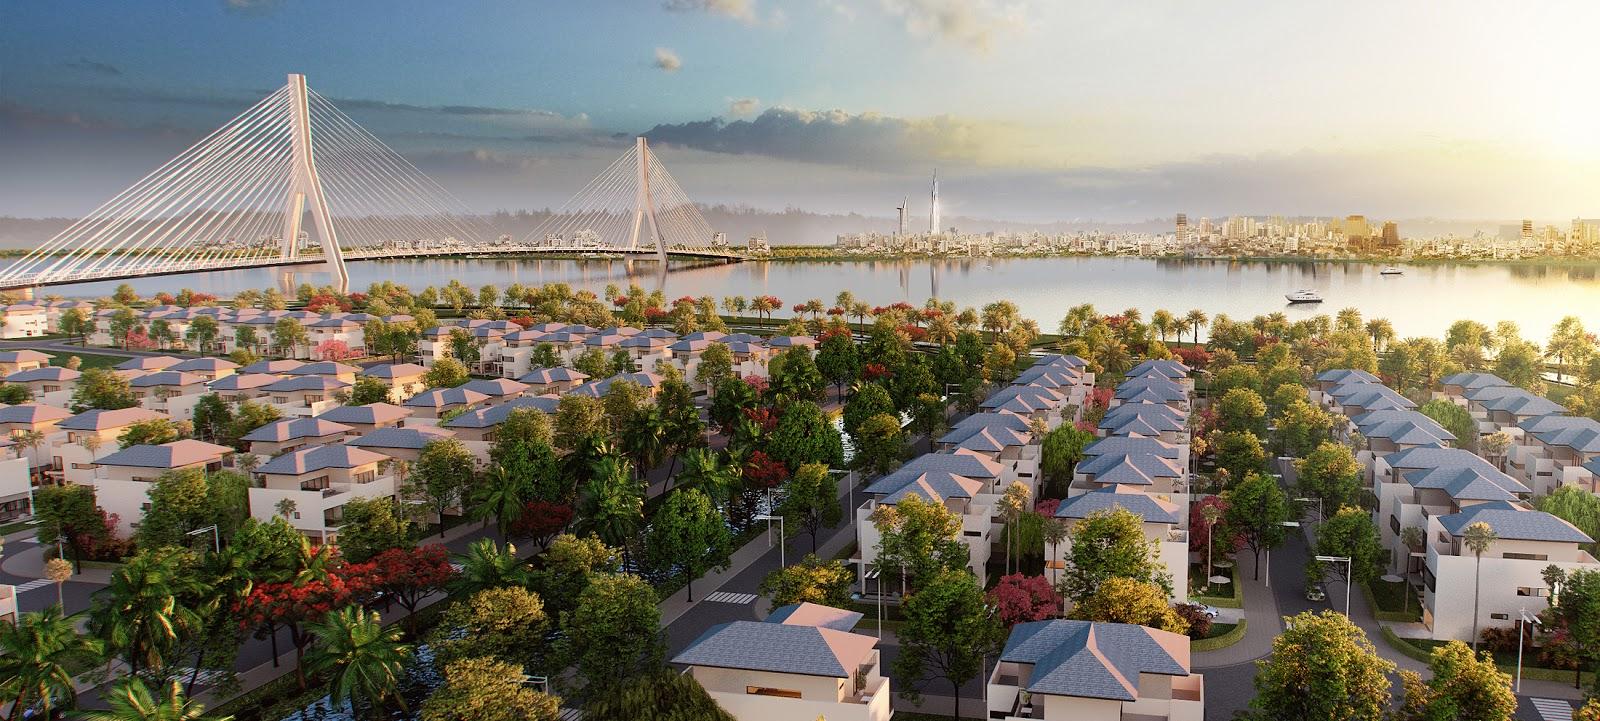 dự án King bay Nhơn Trạch